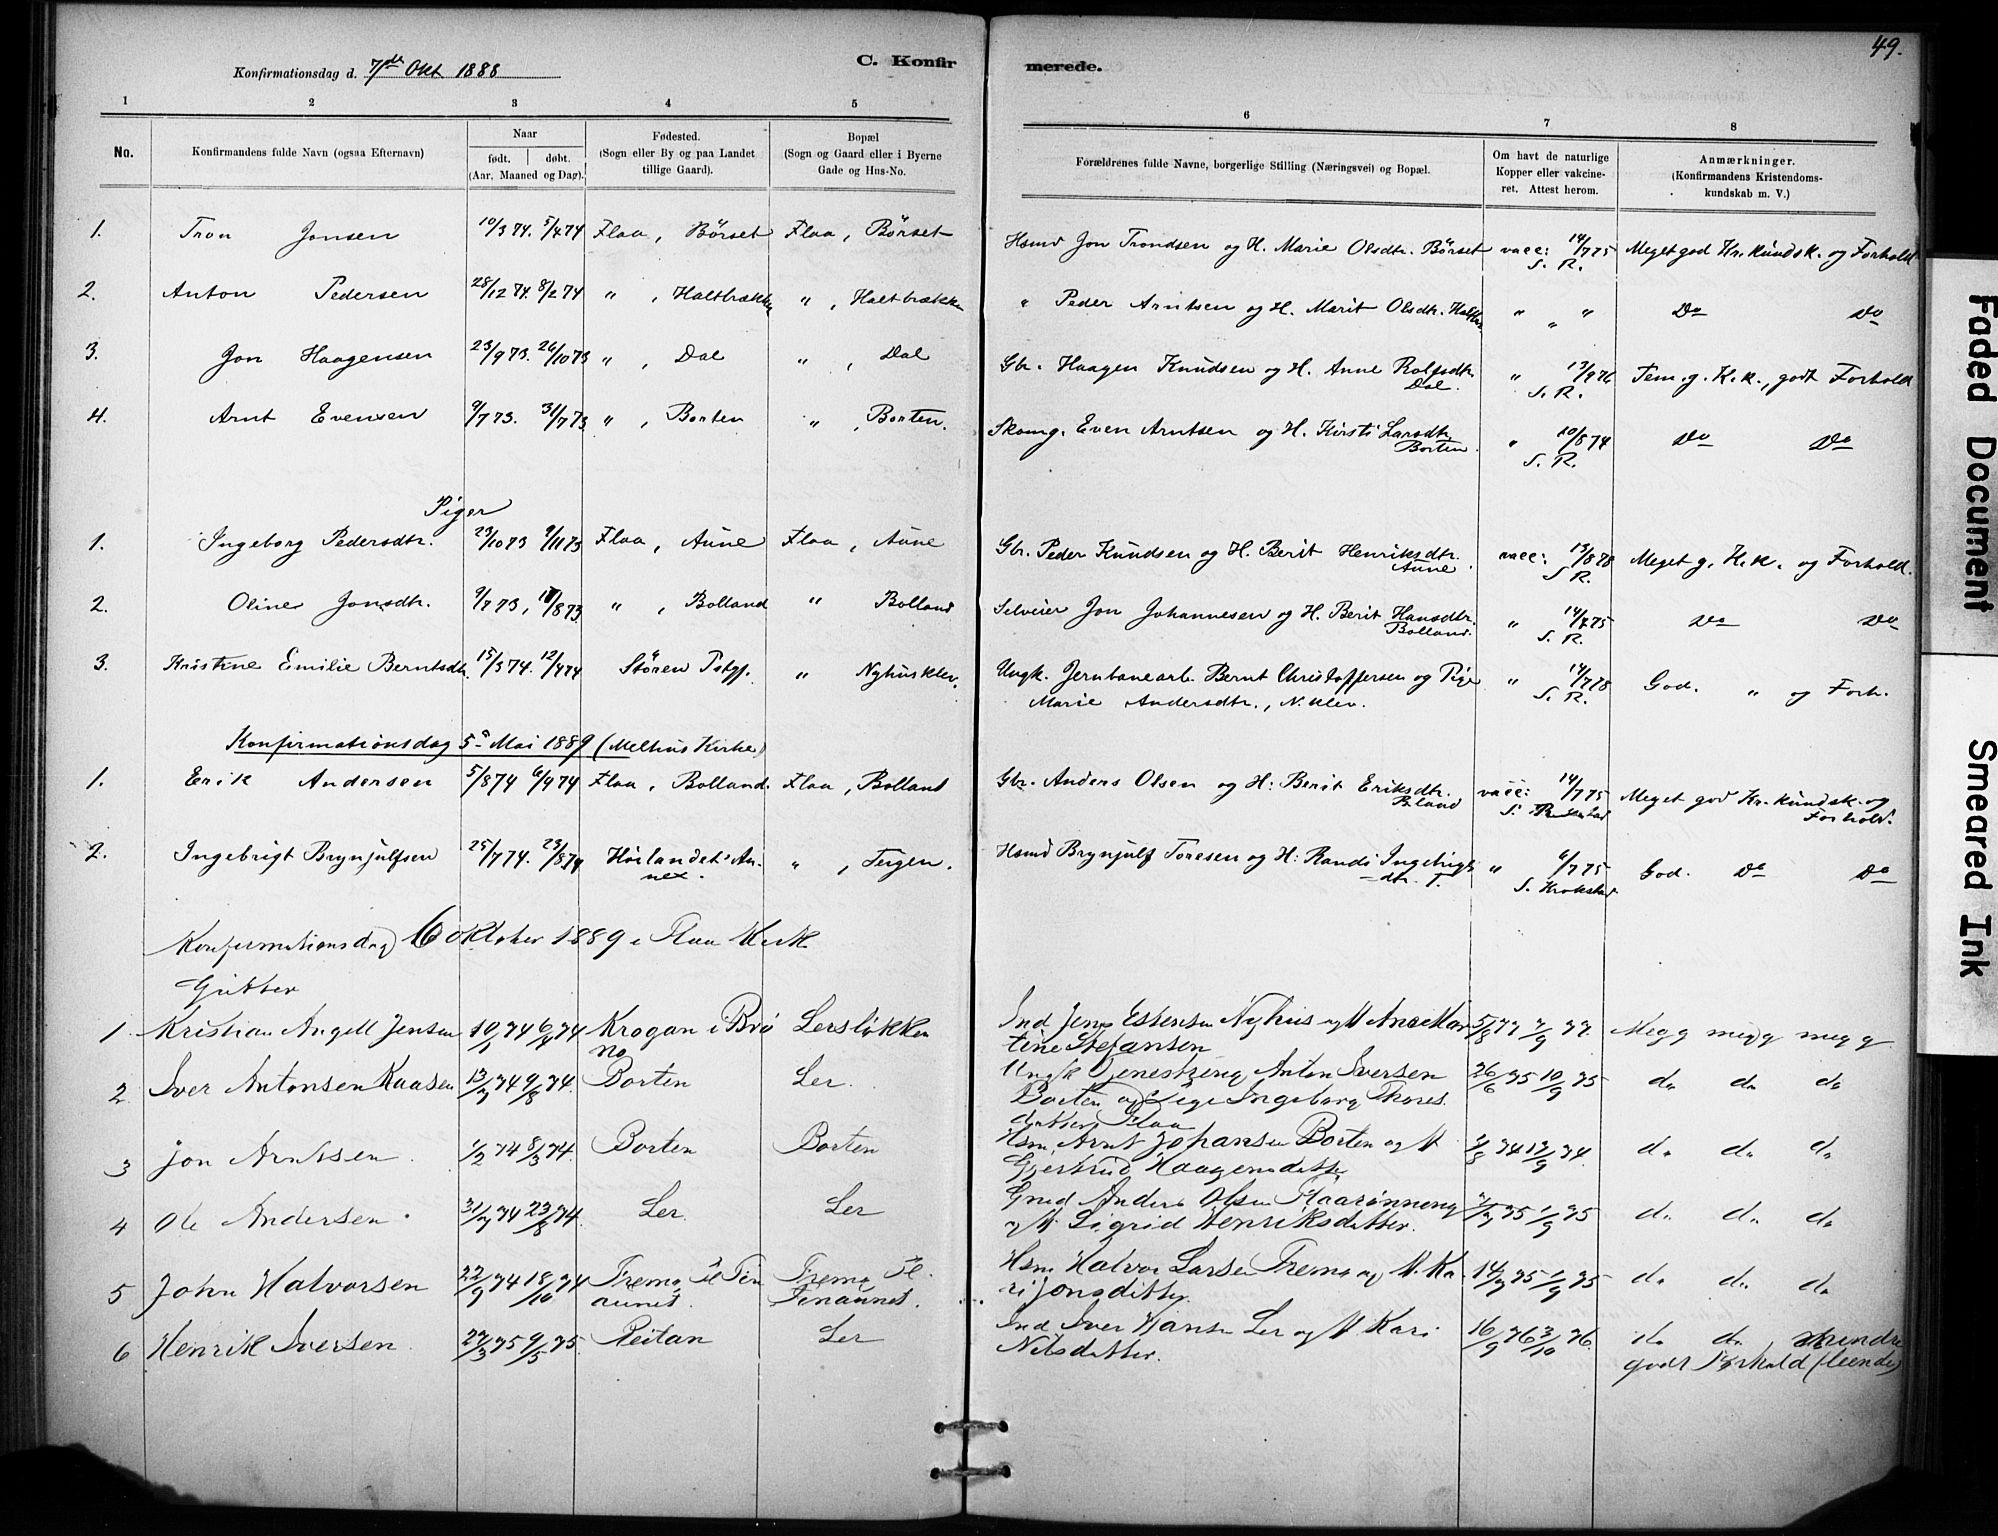 SAT, Ministerialprotokoller, klokkerbøker og fødselsregistre - Sør-Trøndelag, 693/L1119: Ministerialbok nr. 693A01, 1887-1905, s. 49